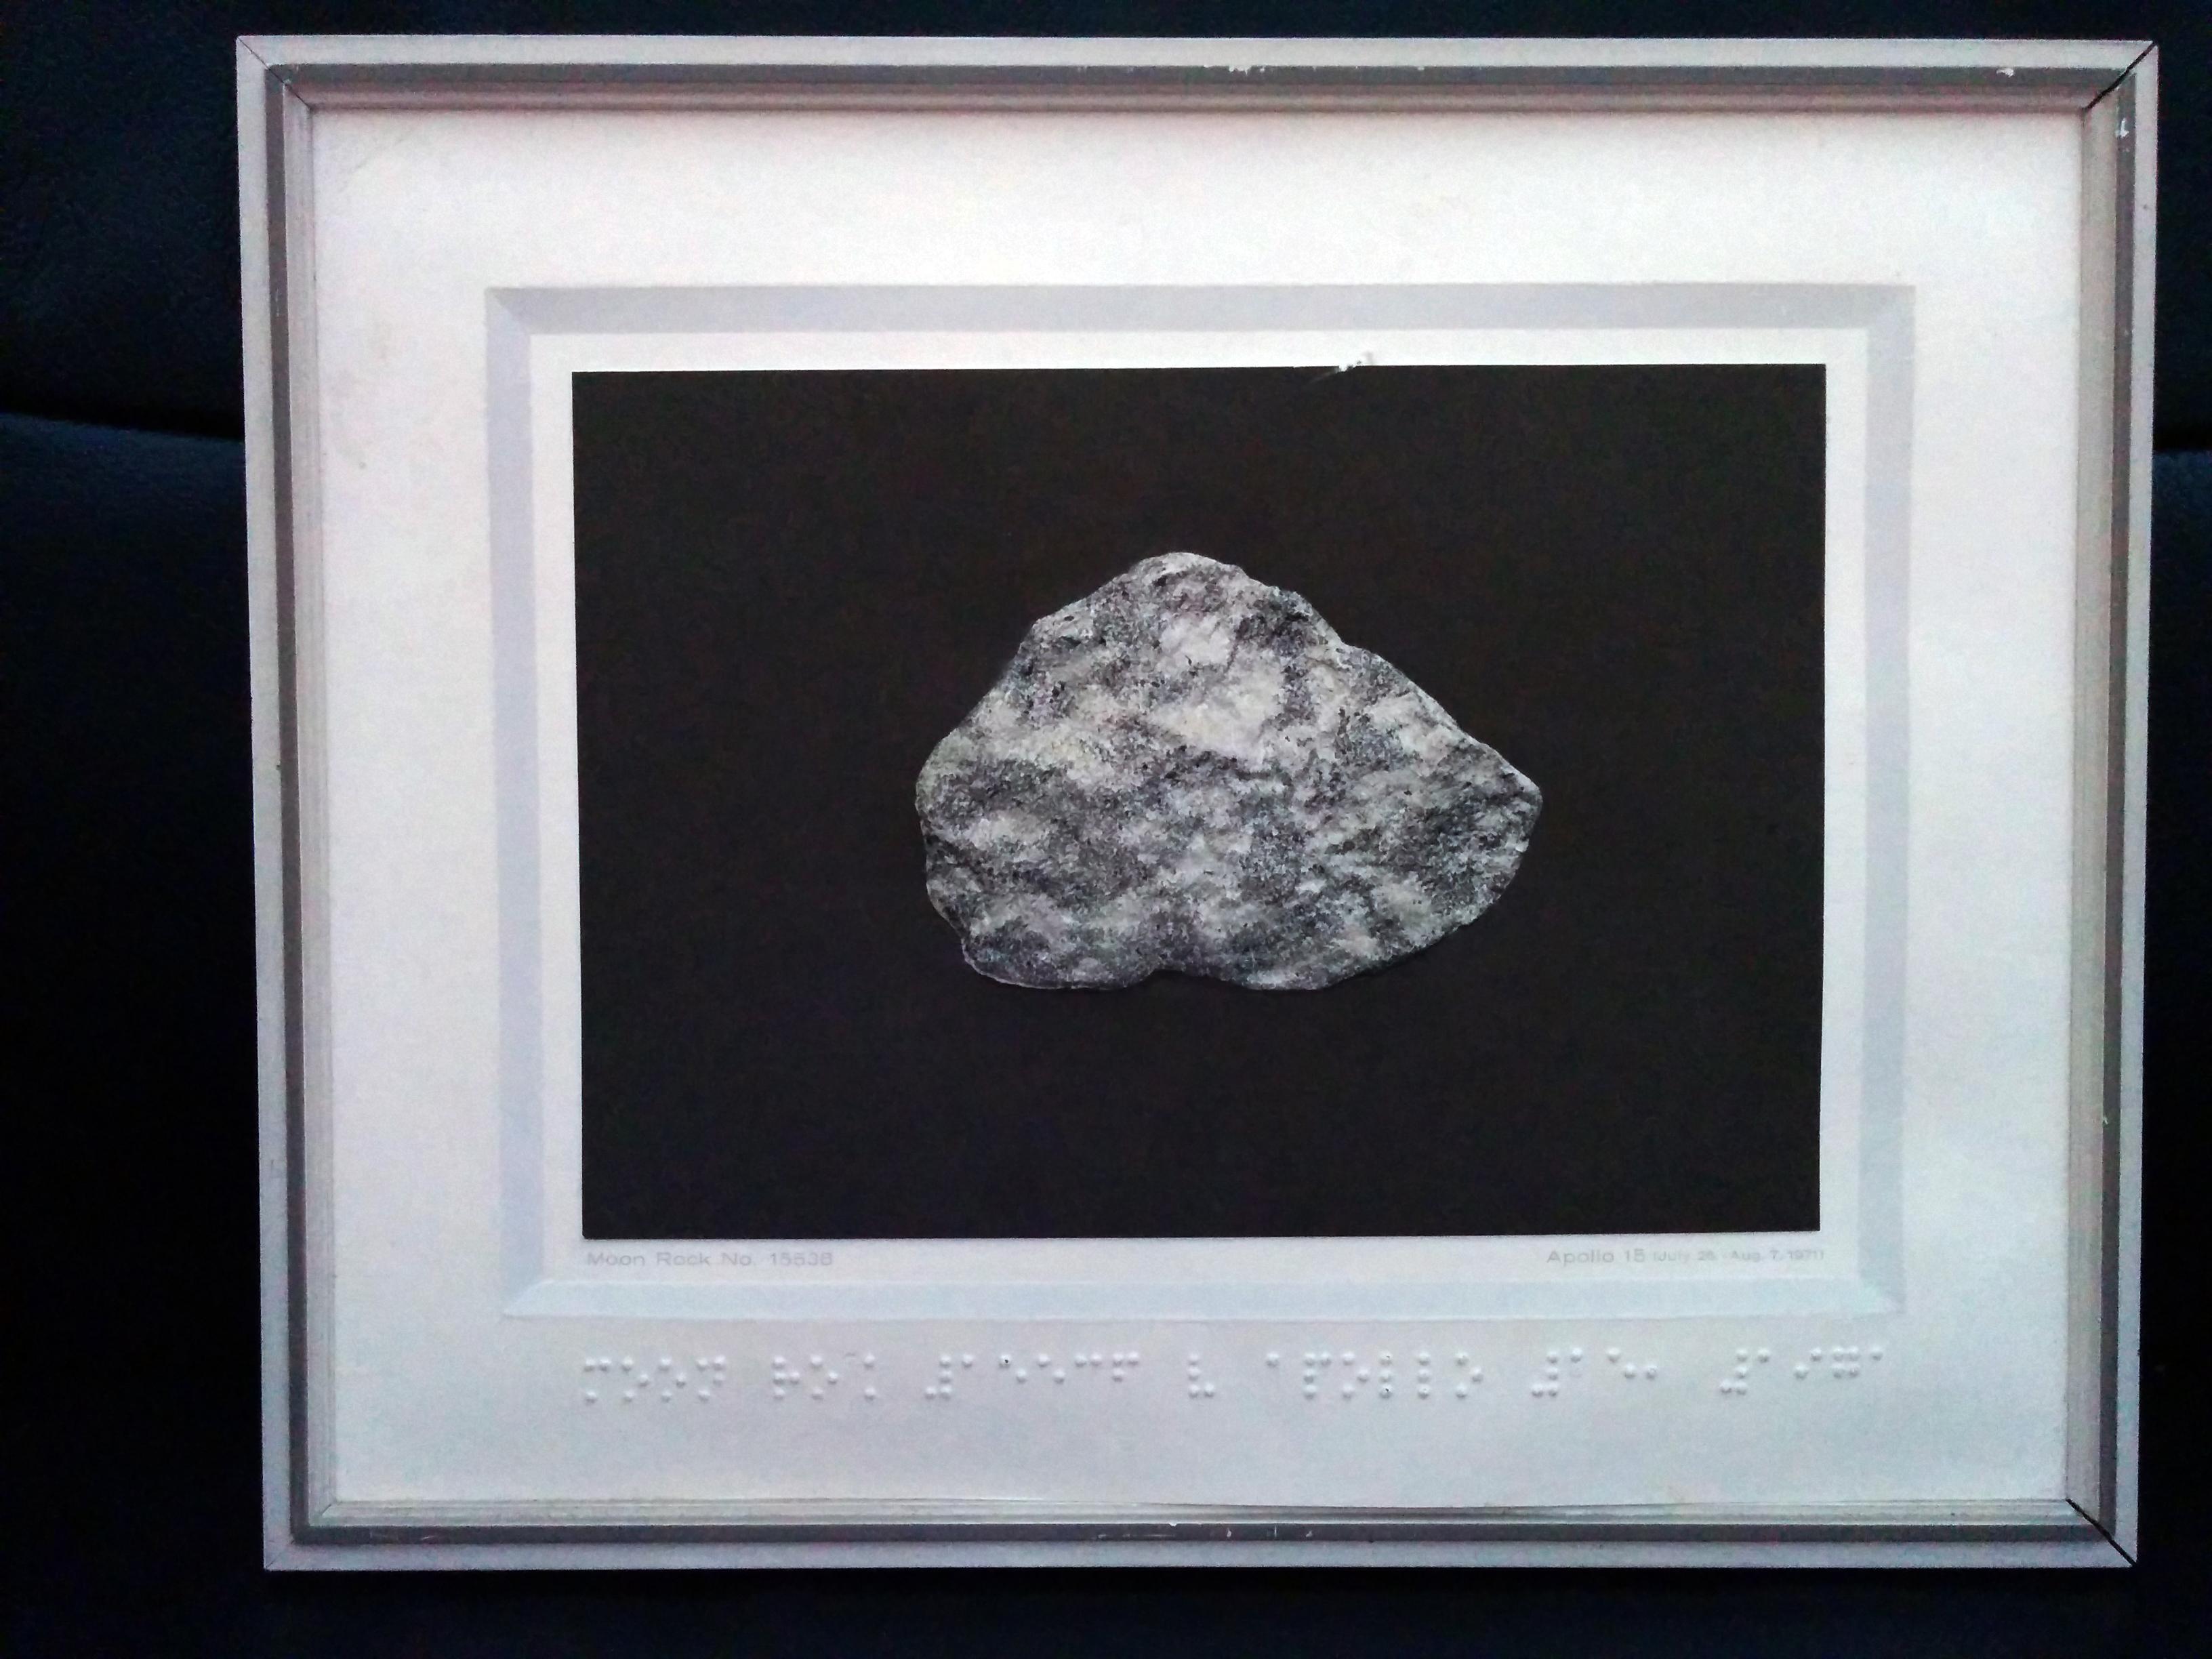 Credit: Ute Gerhardt, Moon Rock 15536